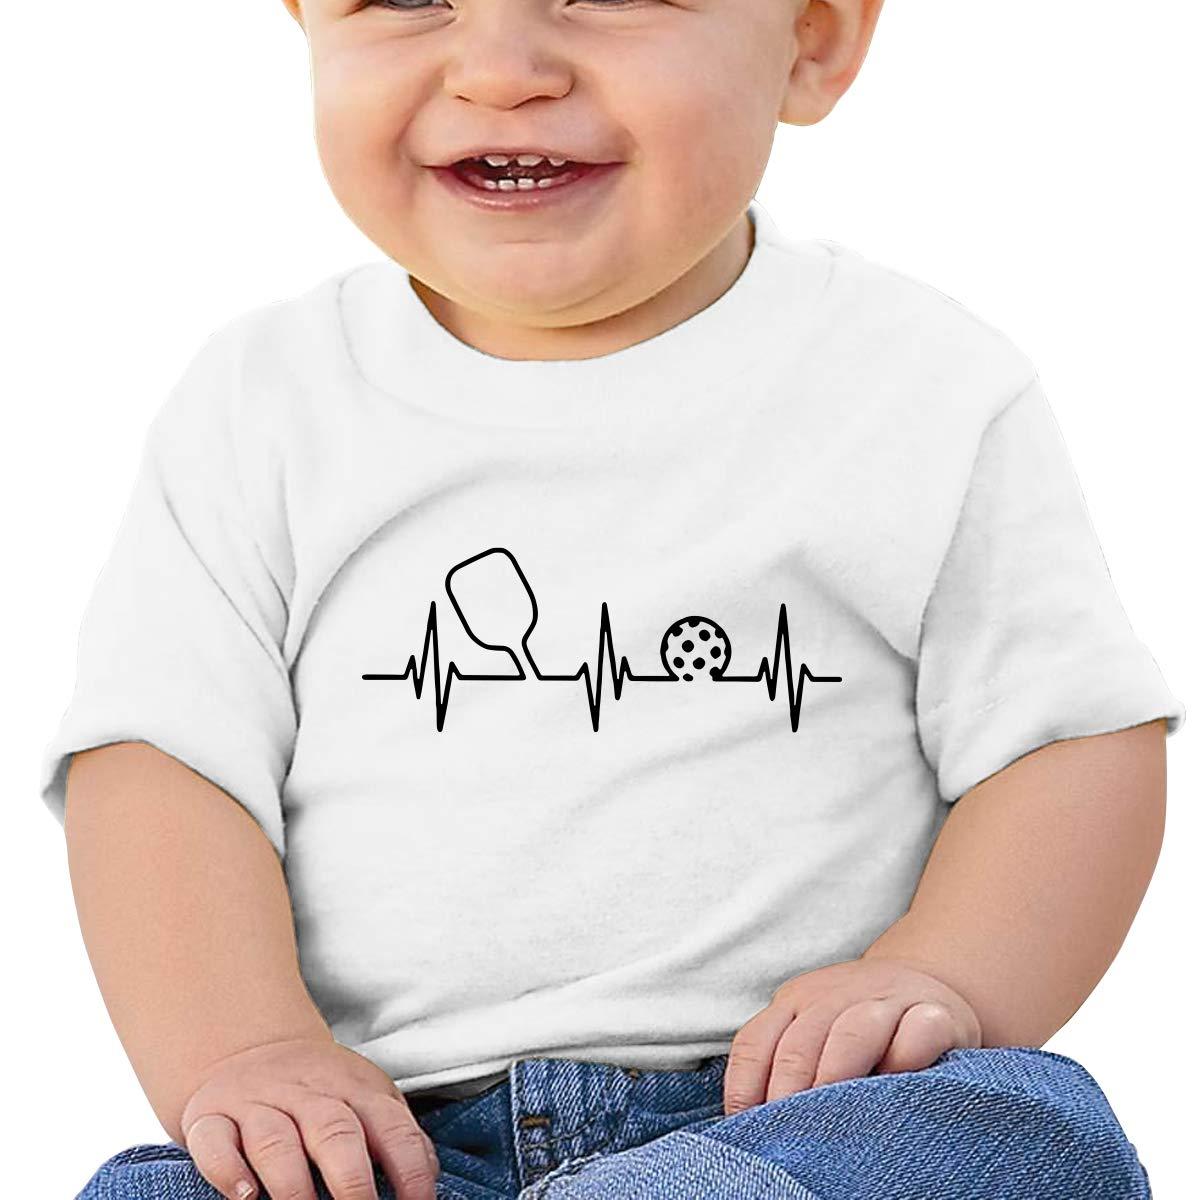 Pickleball Heartbeat 6-24 Months Baby Boys Girls Summertime T-Shirt